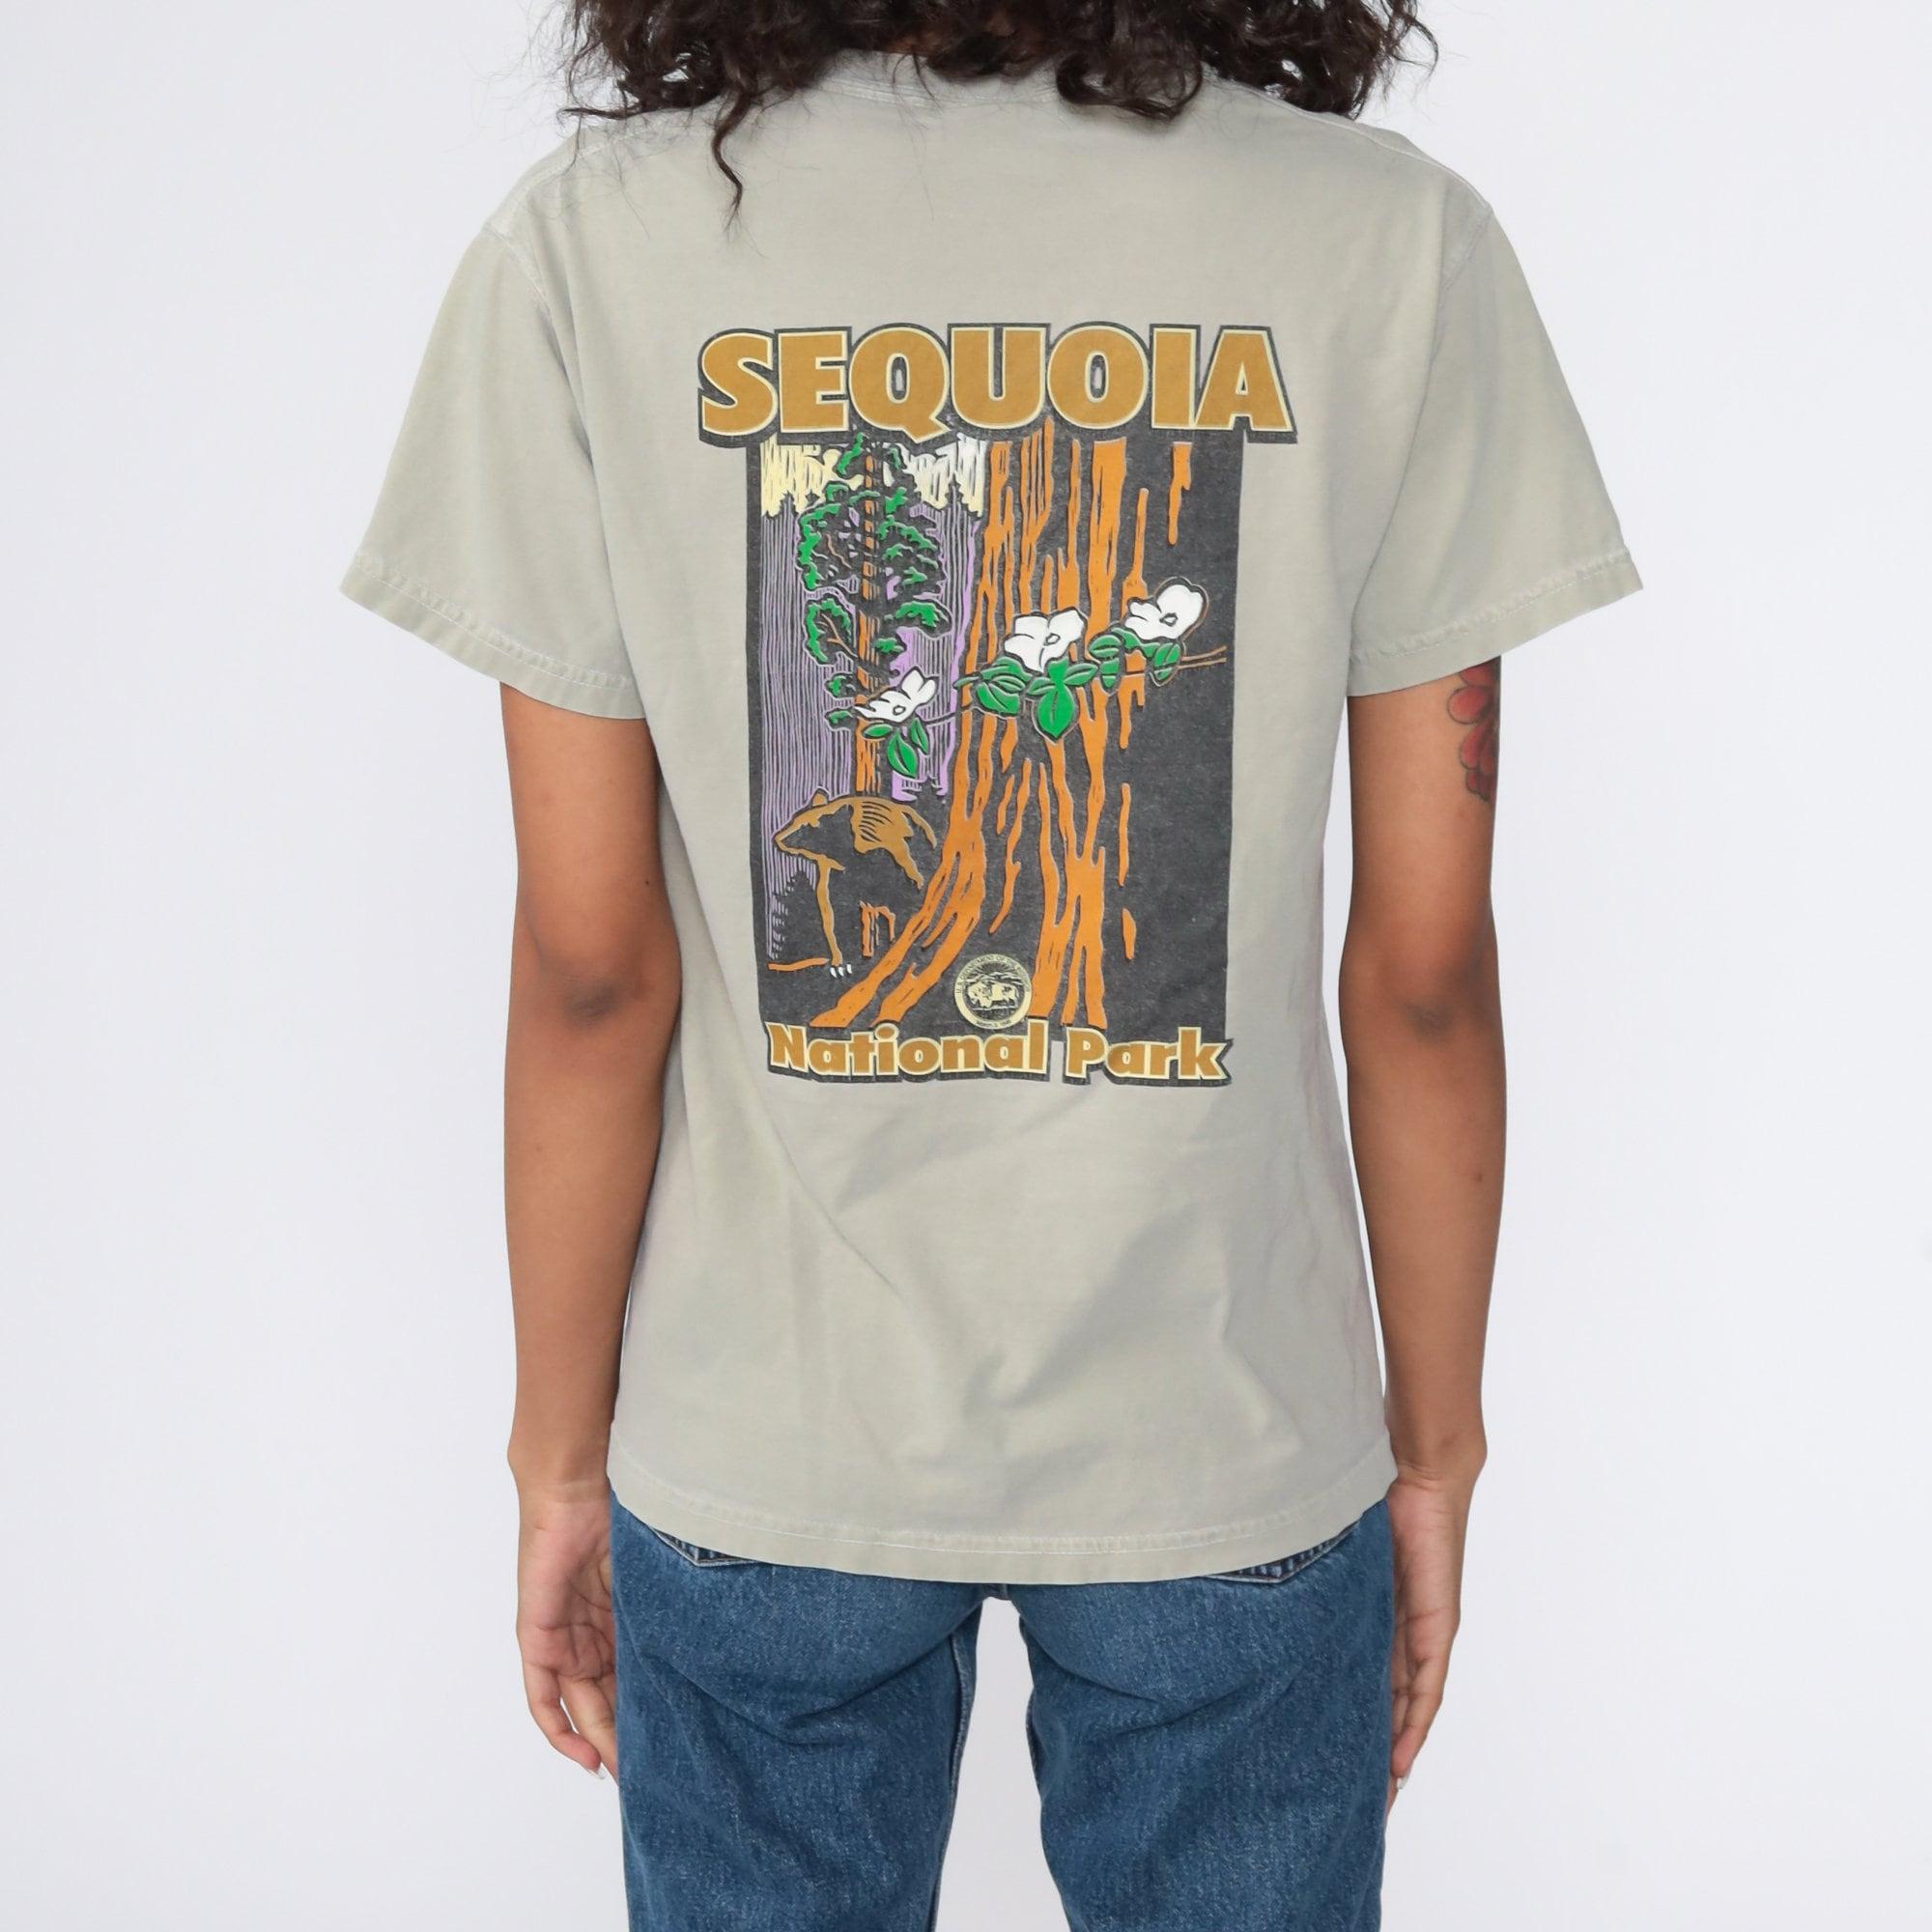 Sequoia National Park Shirt Bear TShirt Animal T Shirt 90s Graphic Tshirt Wildlife Shirt 1990s Retro Taupe Small